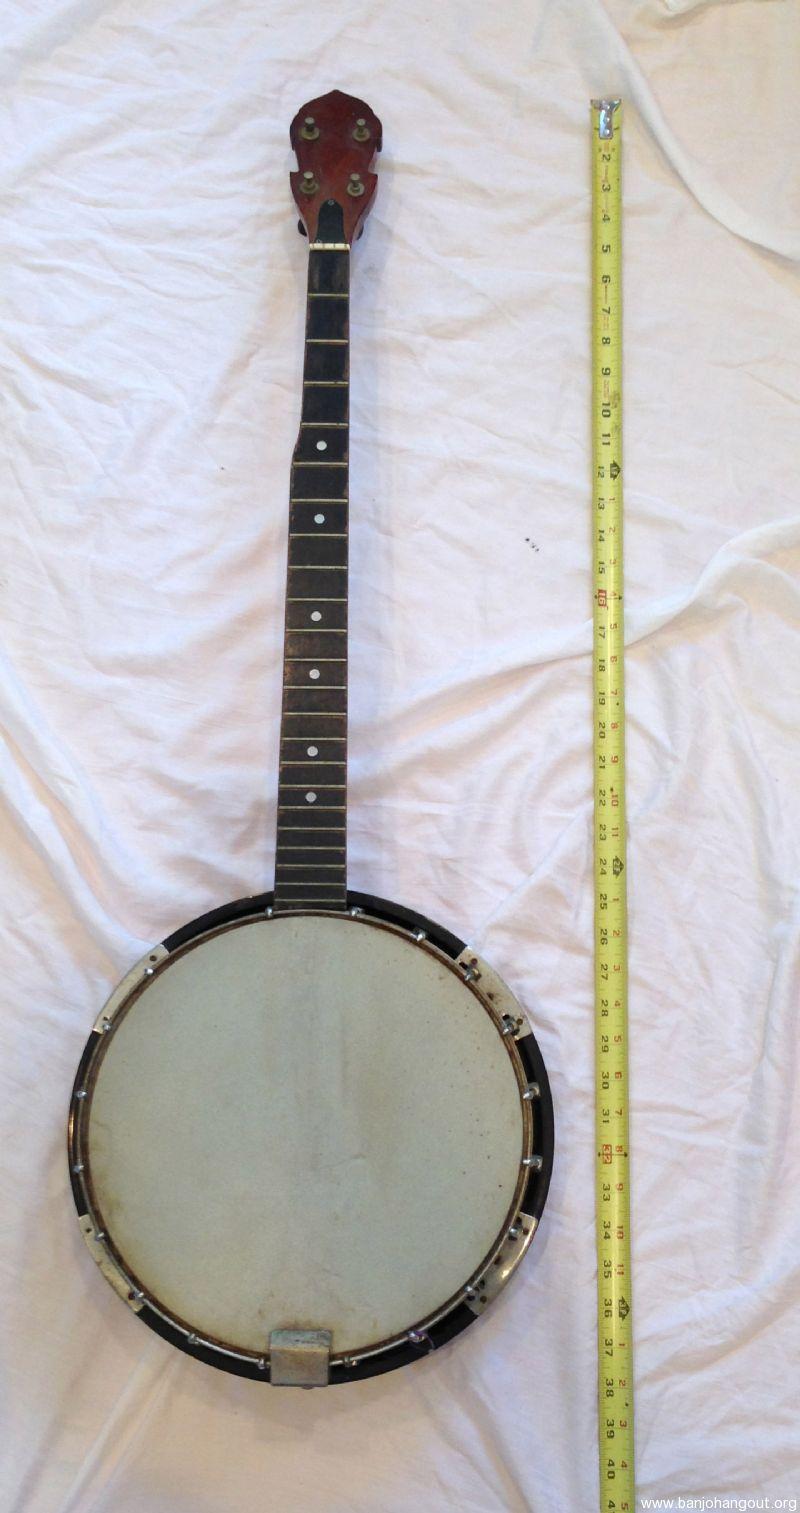 unknown vintage 4 5 string banjo used banjo for sale at. Black Bedroom Furniture Sets. Home Design Ideas